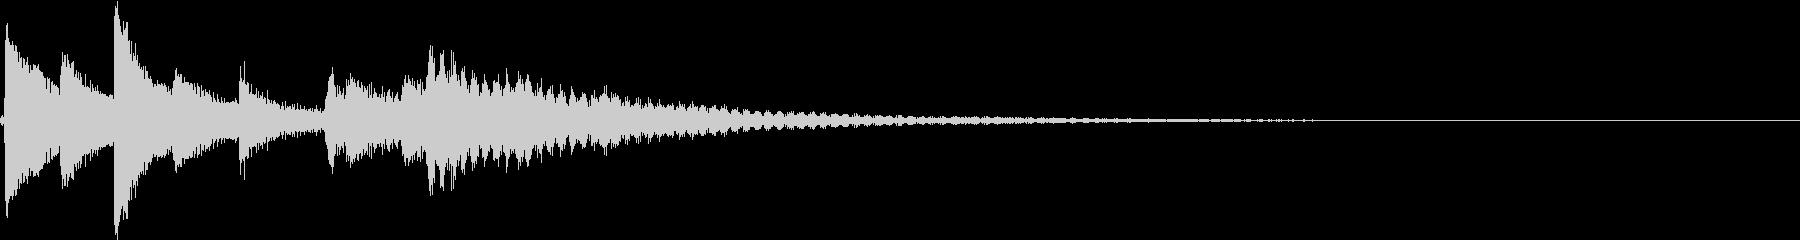 和風 琴 お正月 展開 料亭 05の未再生の波形